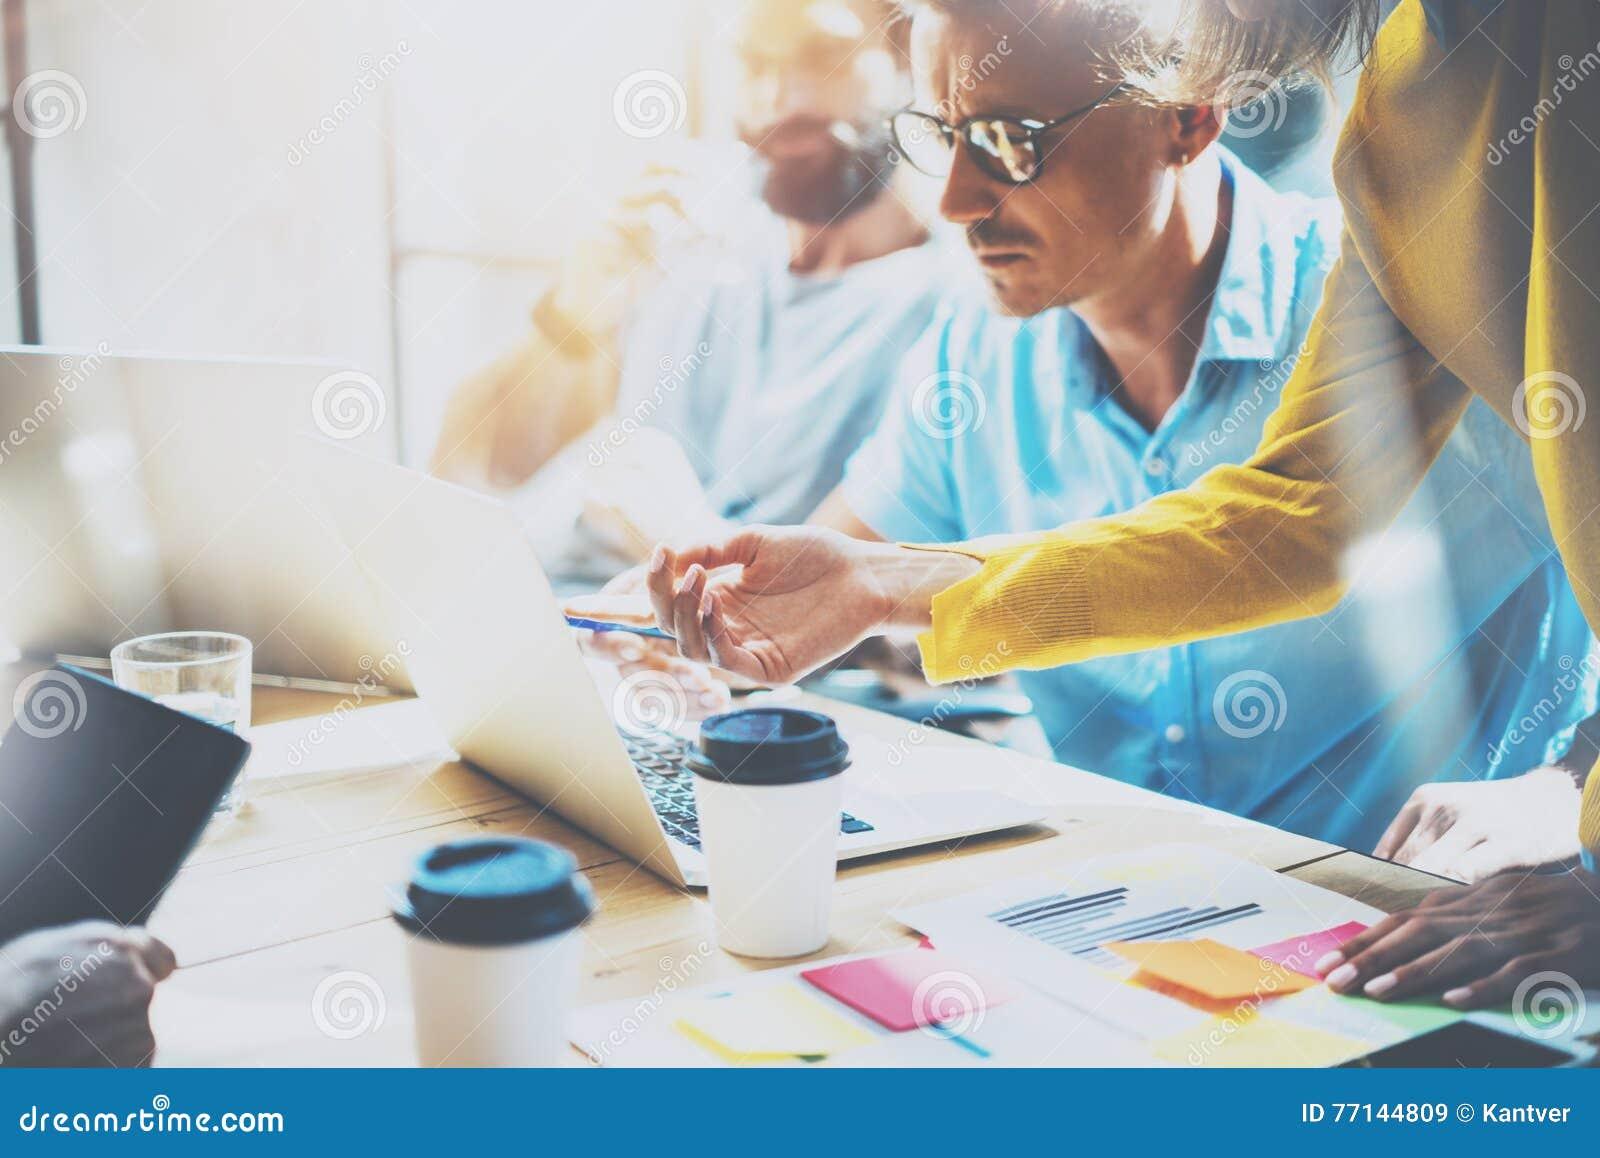 Colegas de trabalho novos do grupo que fazem grandes decisões empresariais Estúdio criativo de Team Discussion Corporate Work Con